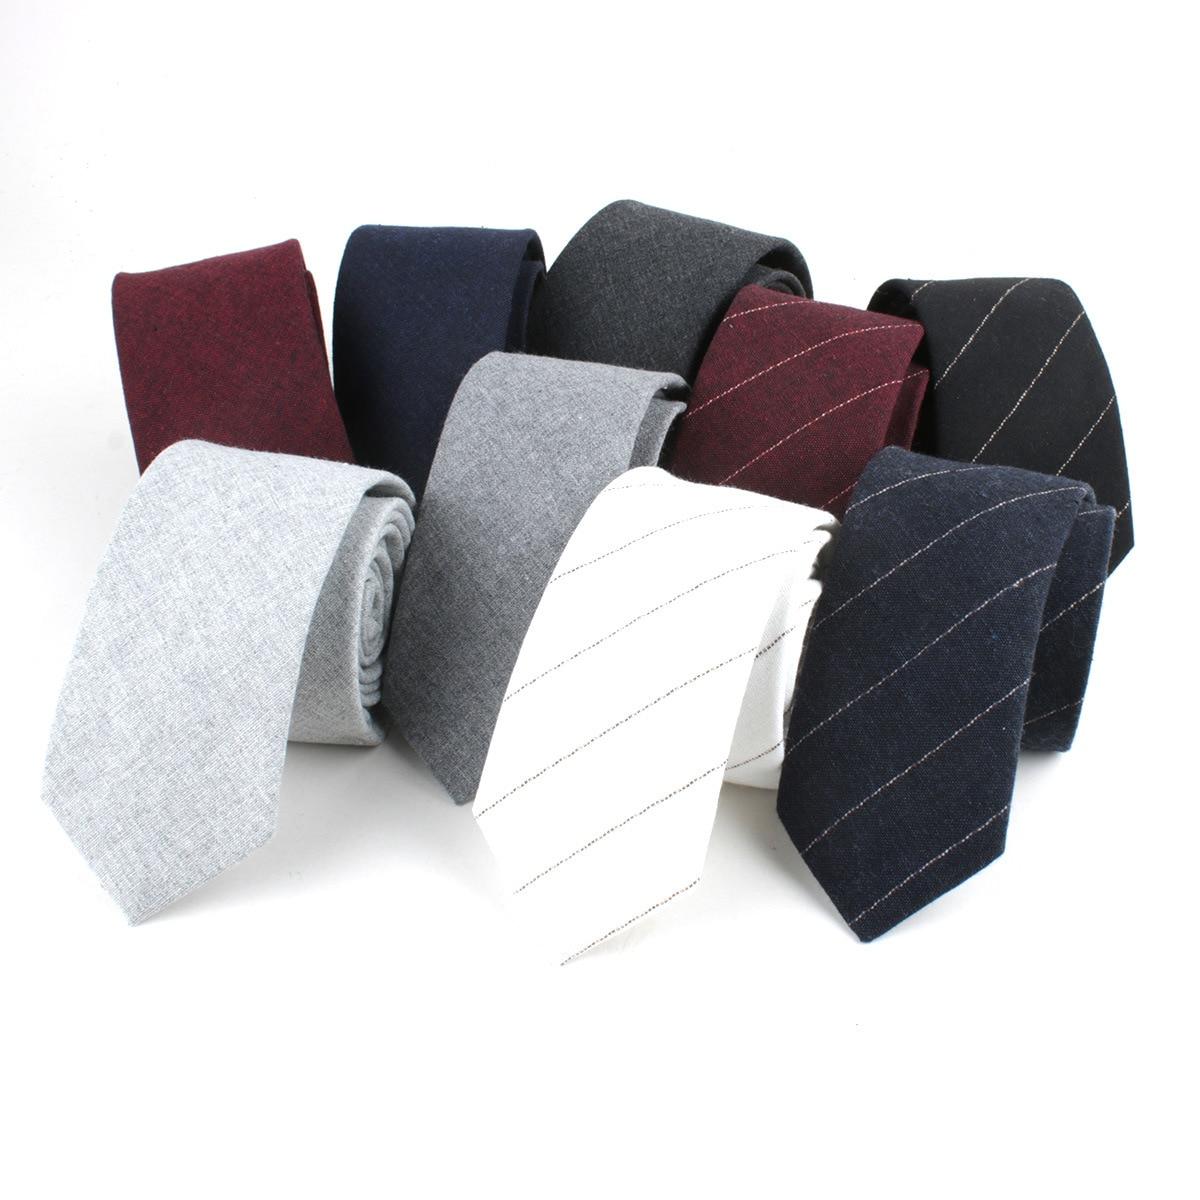 Мужской галстук, Винтаж, однотонный, в полоску, красный, синий, для свадьбы, деловой, узкий, 2019|Мужские галстуки и носовые платки| | АлиЭкспресс